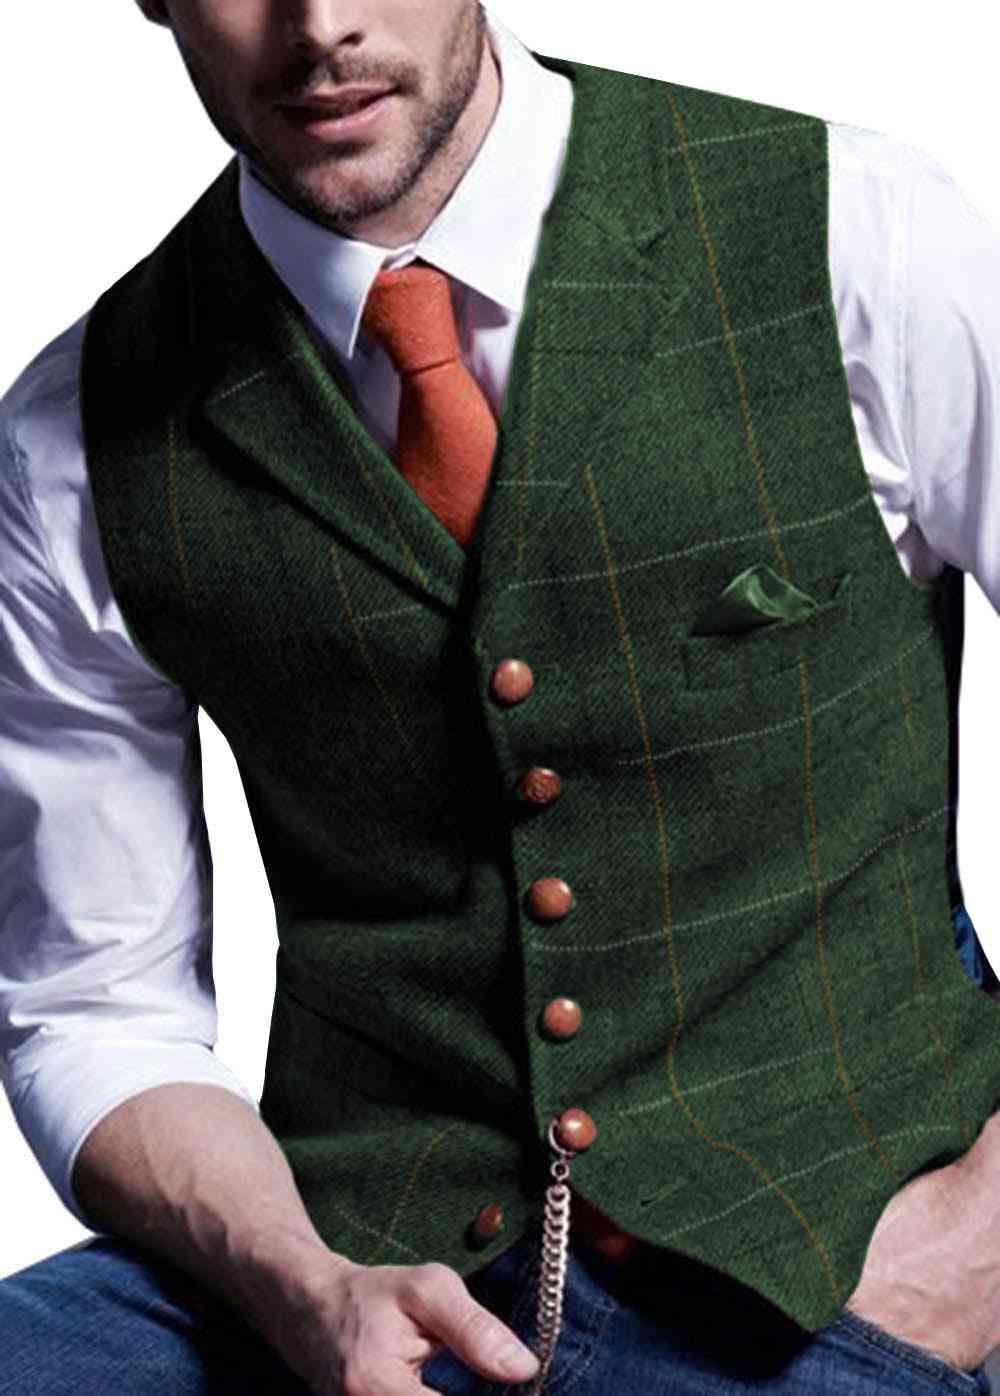 Mens Suit Vest, Notched Plaid Wool Herringbone, Tweed Waistcoat Casual, Formal Business